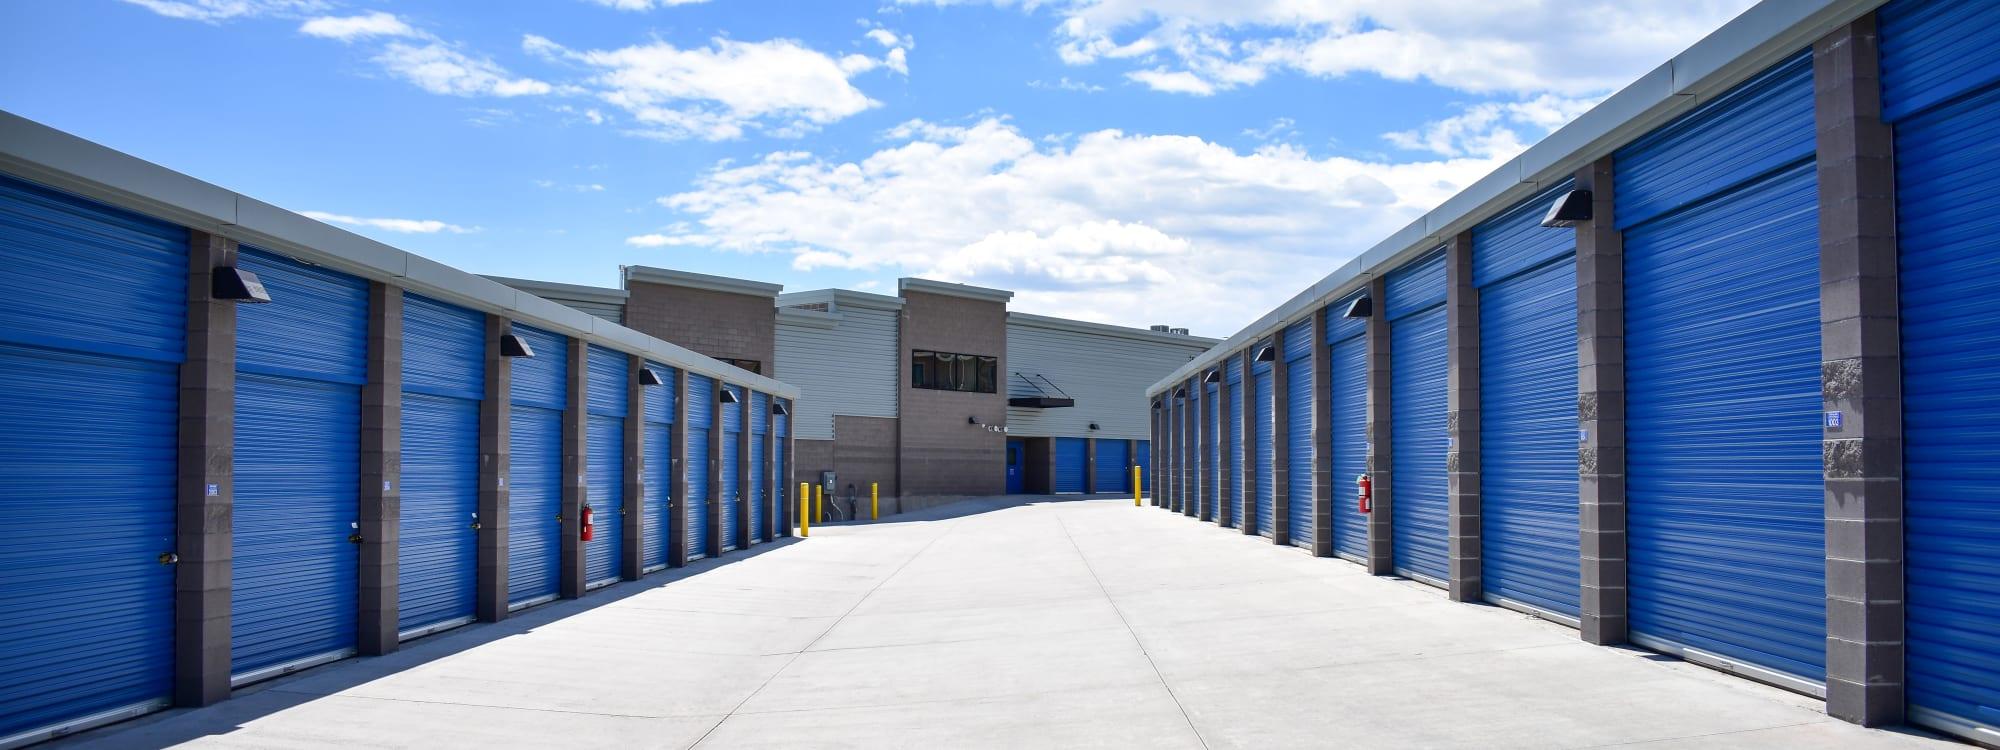 Self storage options at STOR-N-LOCK Self Storage in Colorado Springs, Colorado